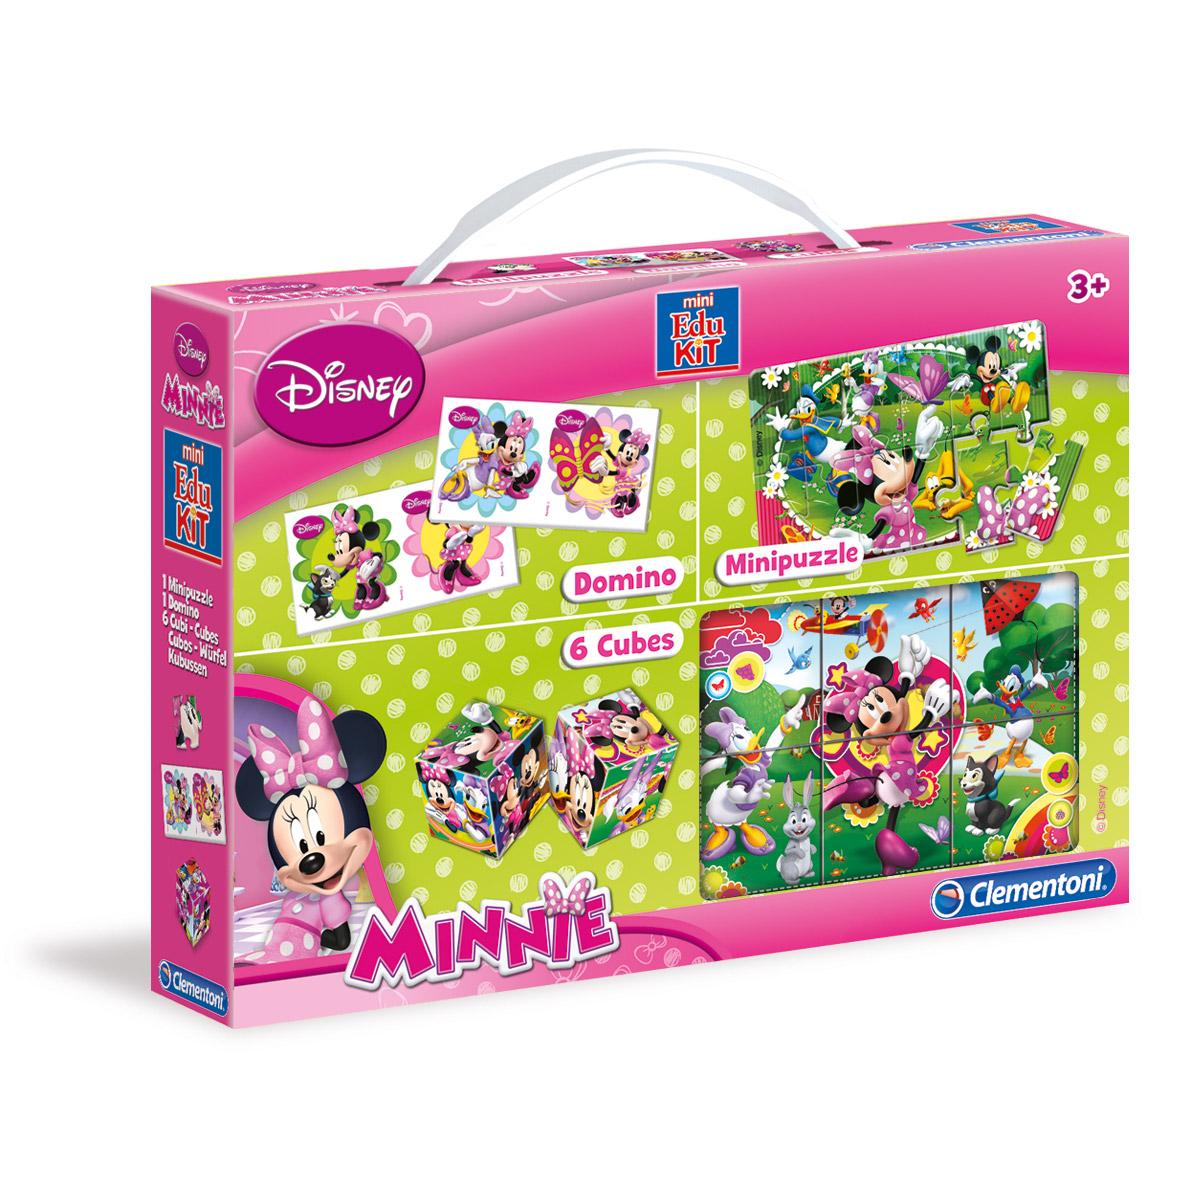 Іграшка розвиваюча Сlementoni/Minnie арт.: 13789 (кубики, пазлы, домино)